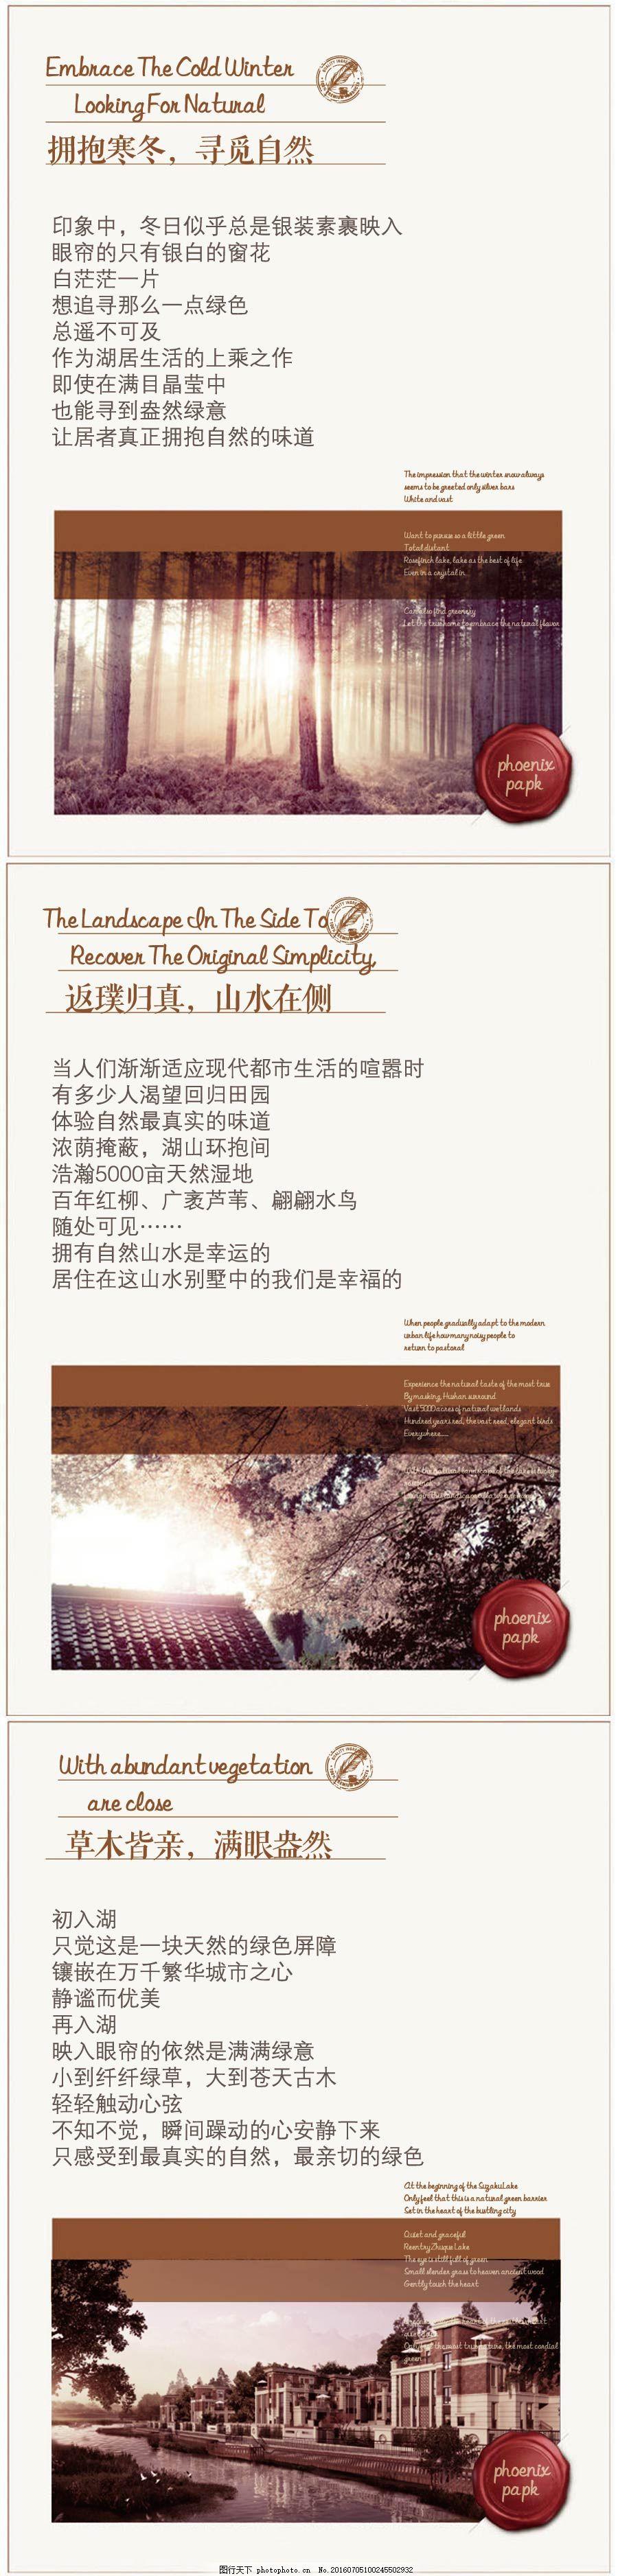 冬日微信长图文艺气息 别墅地产项目英文 图文排版分层图自然风景排版